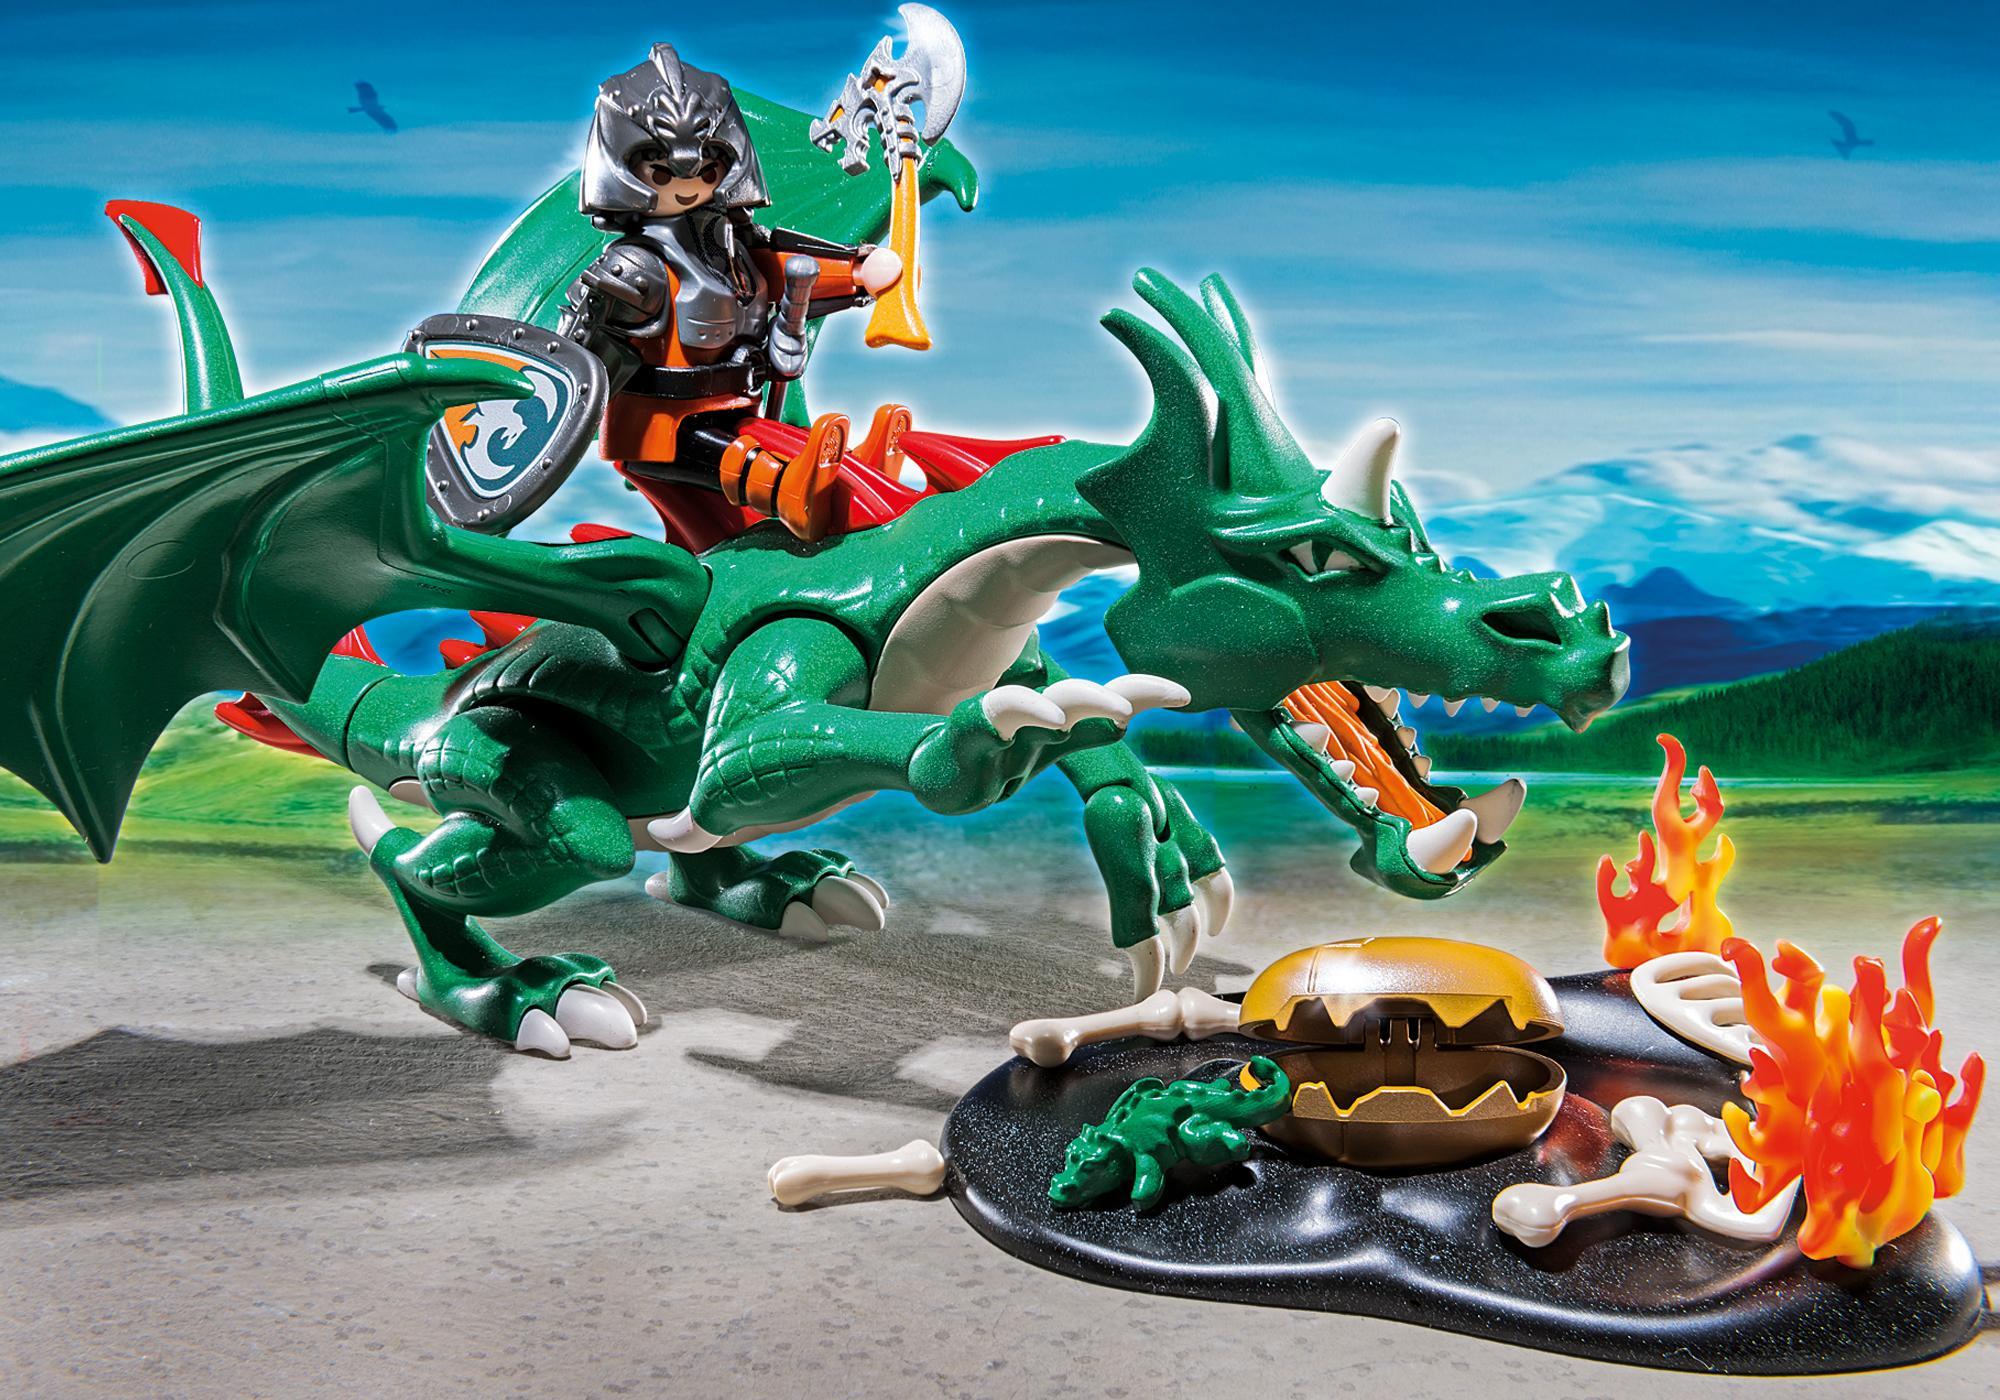 http://media.playmobil.com/i/playmobil/6003_product_extra1/Grande Drago Sputafuoco